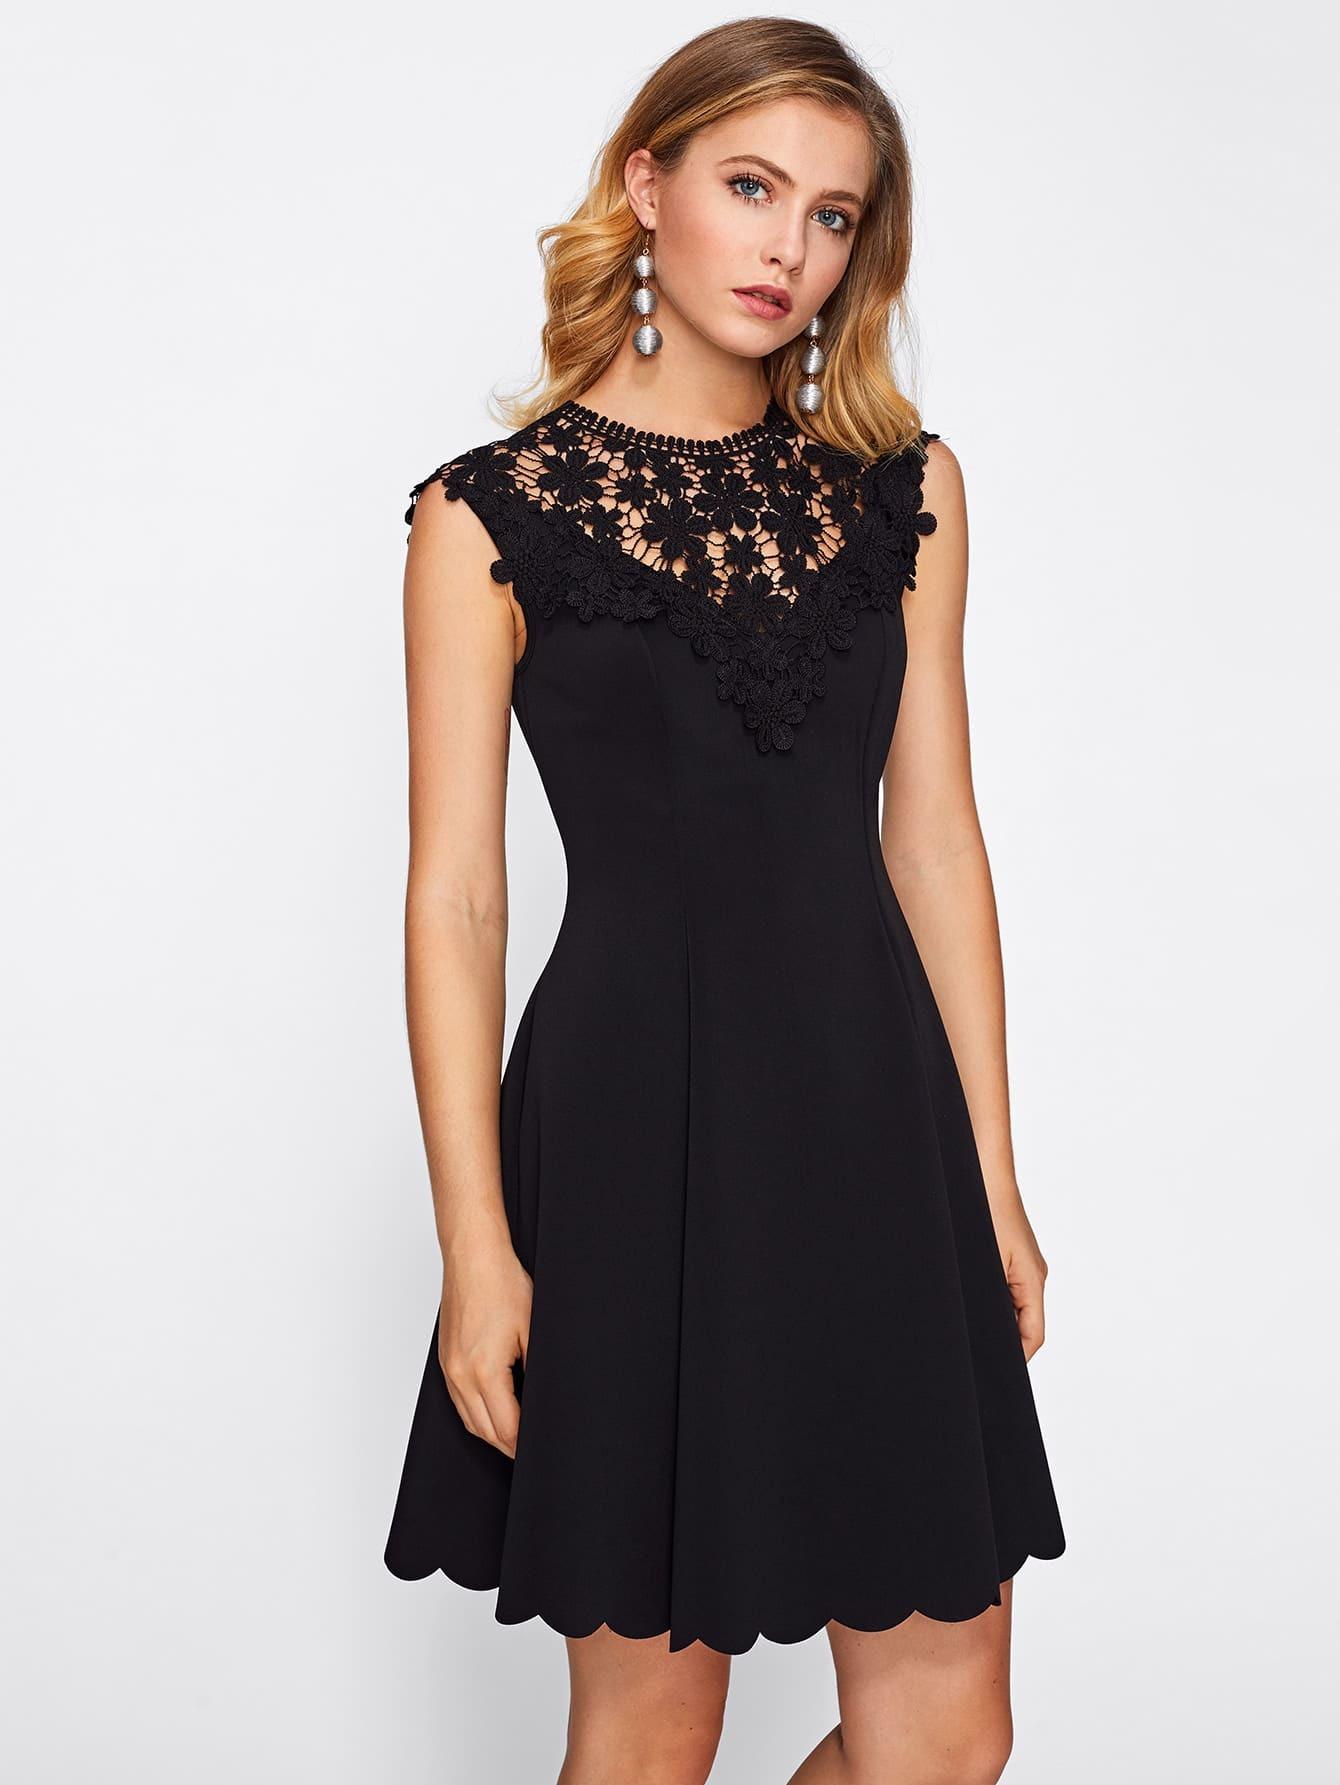 Kleid mit Spitzen und Muschel - German SheIn(Sheinside)